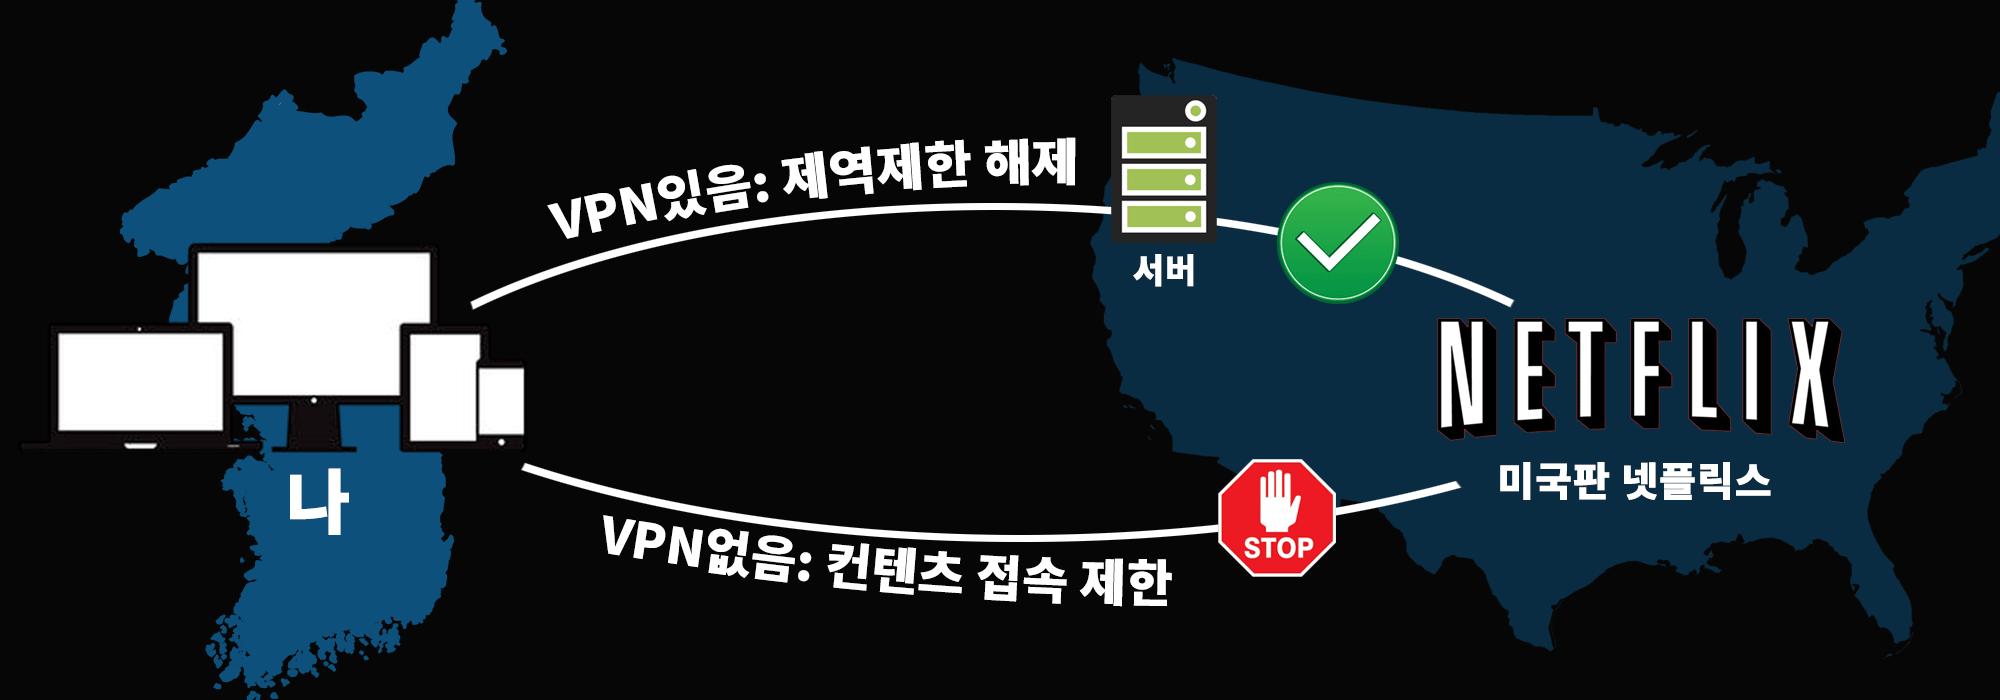 VPN있음: 제역제한 해제: 미국판 넷플릭스